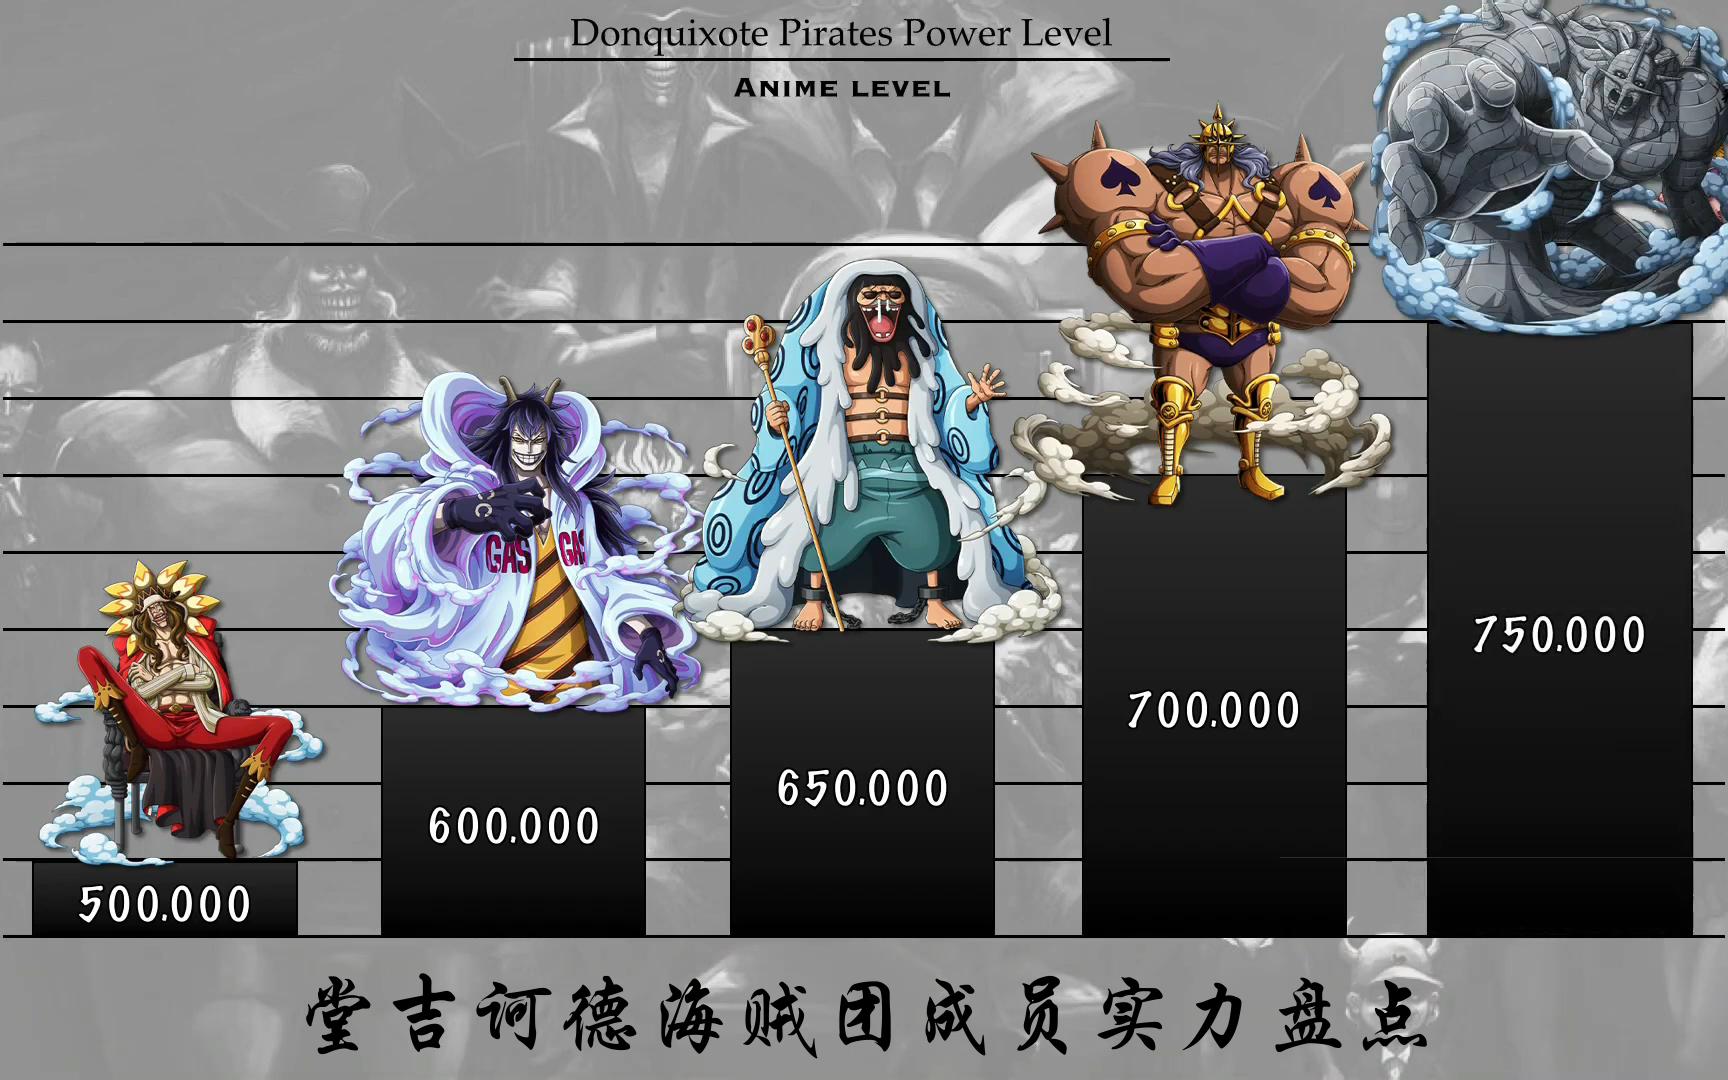 【海贼王】堂吉诃德海贼团成员实力排名,谁才是最强二当家?